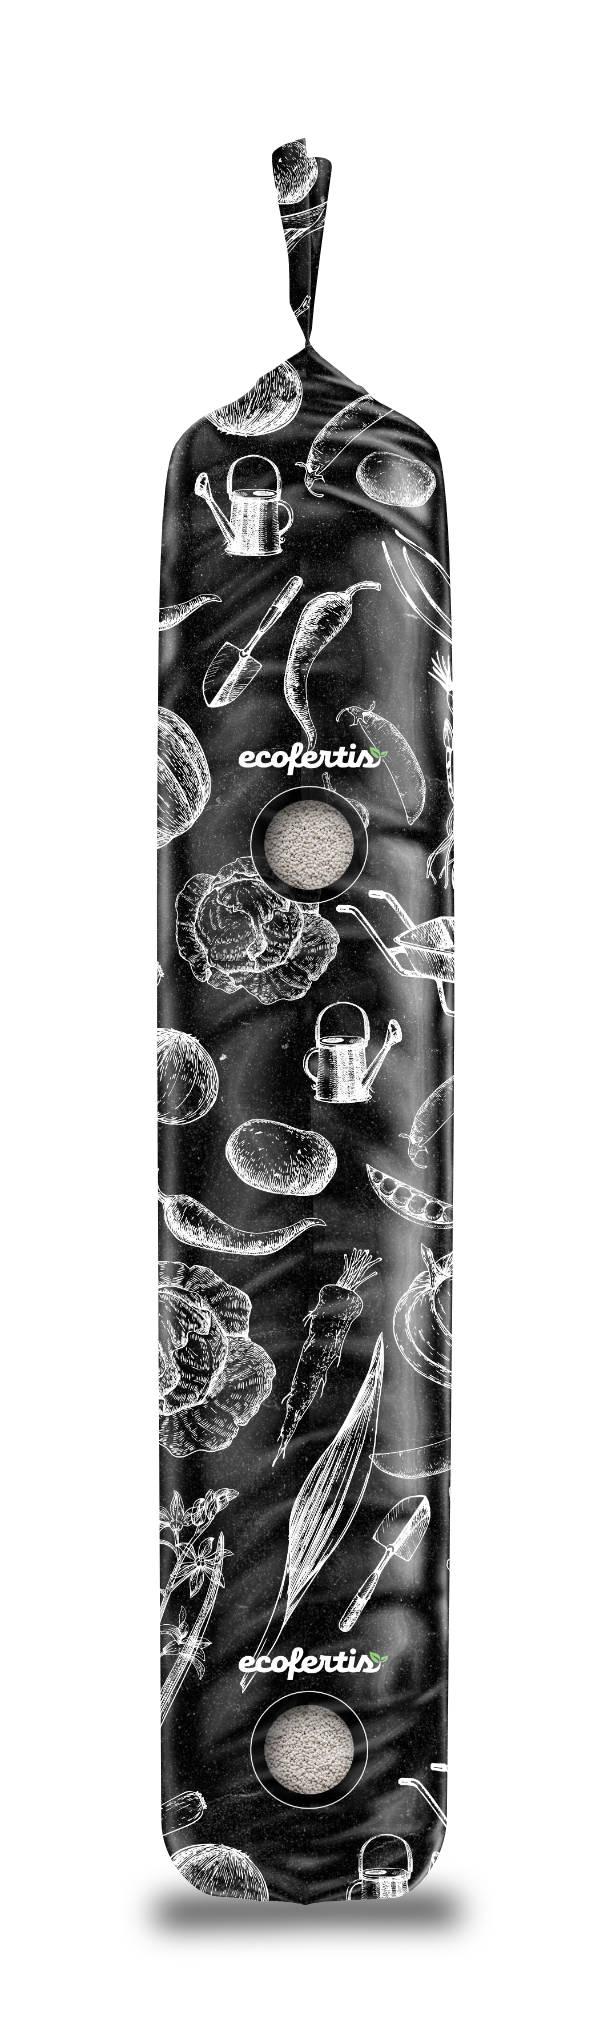 disain упаковки для удобрений Ecofertis